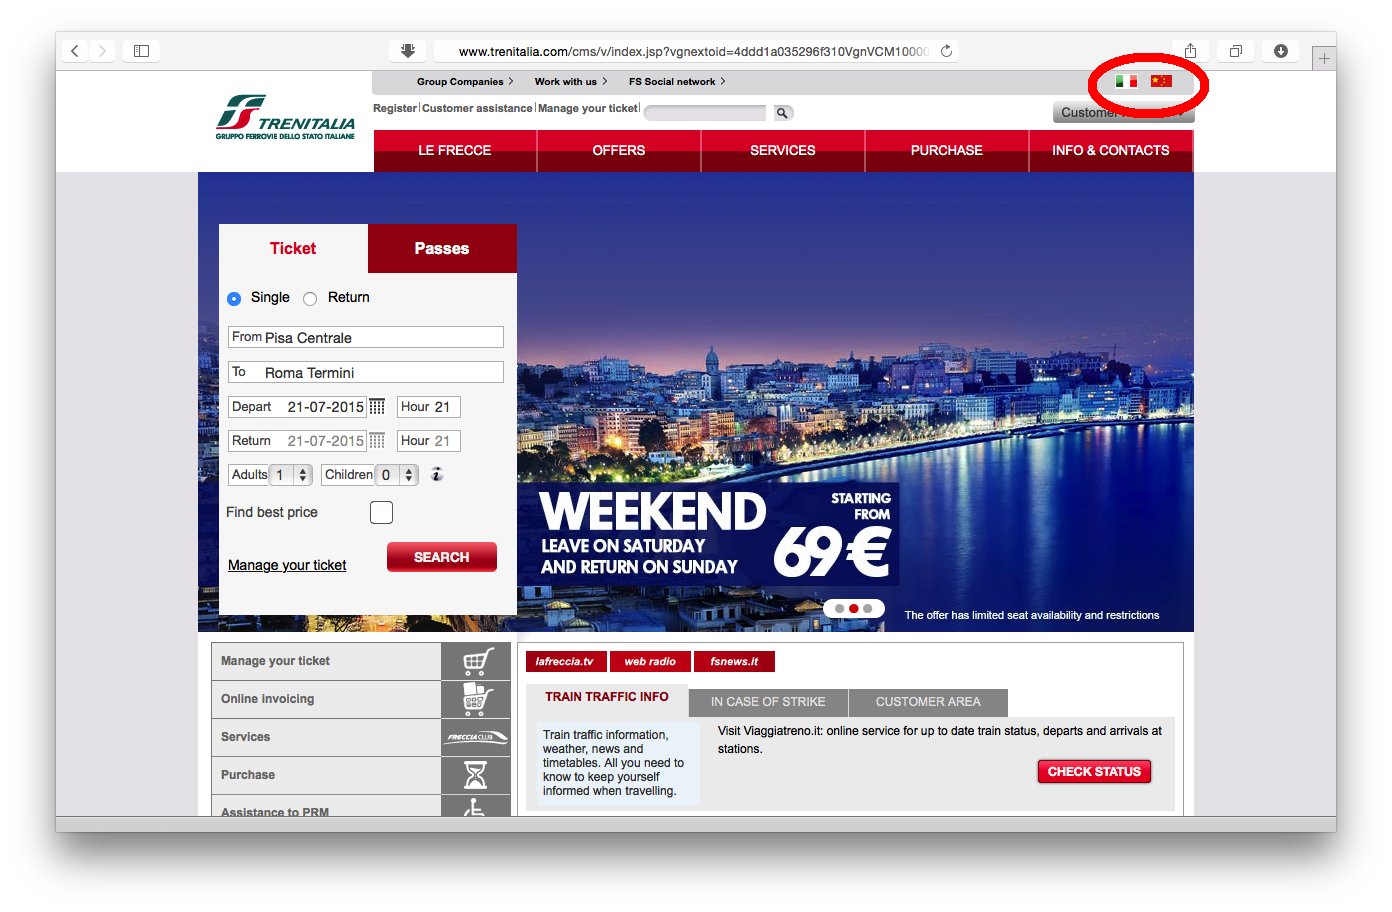 Tampilan web Trenitalia